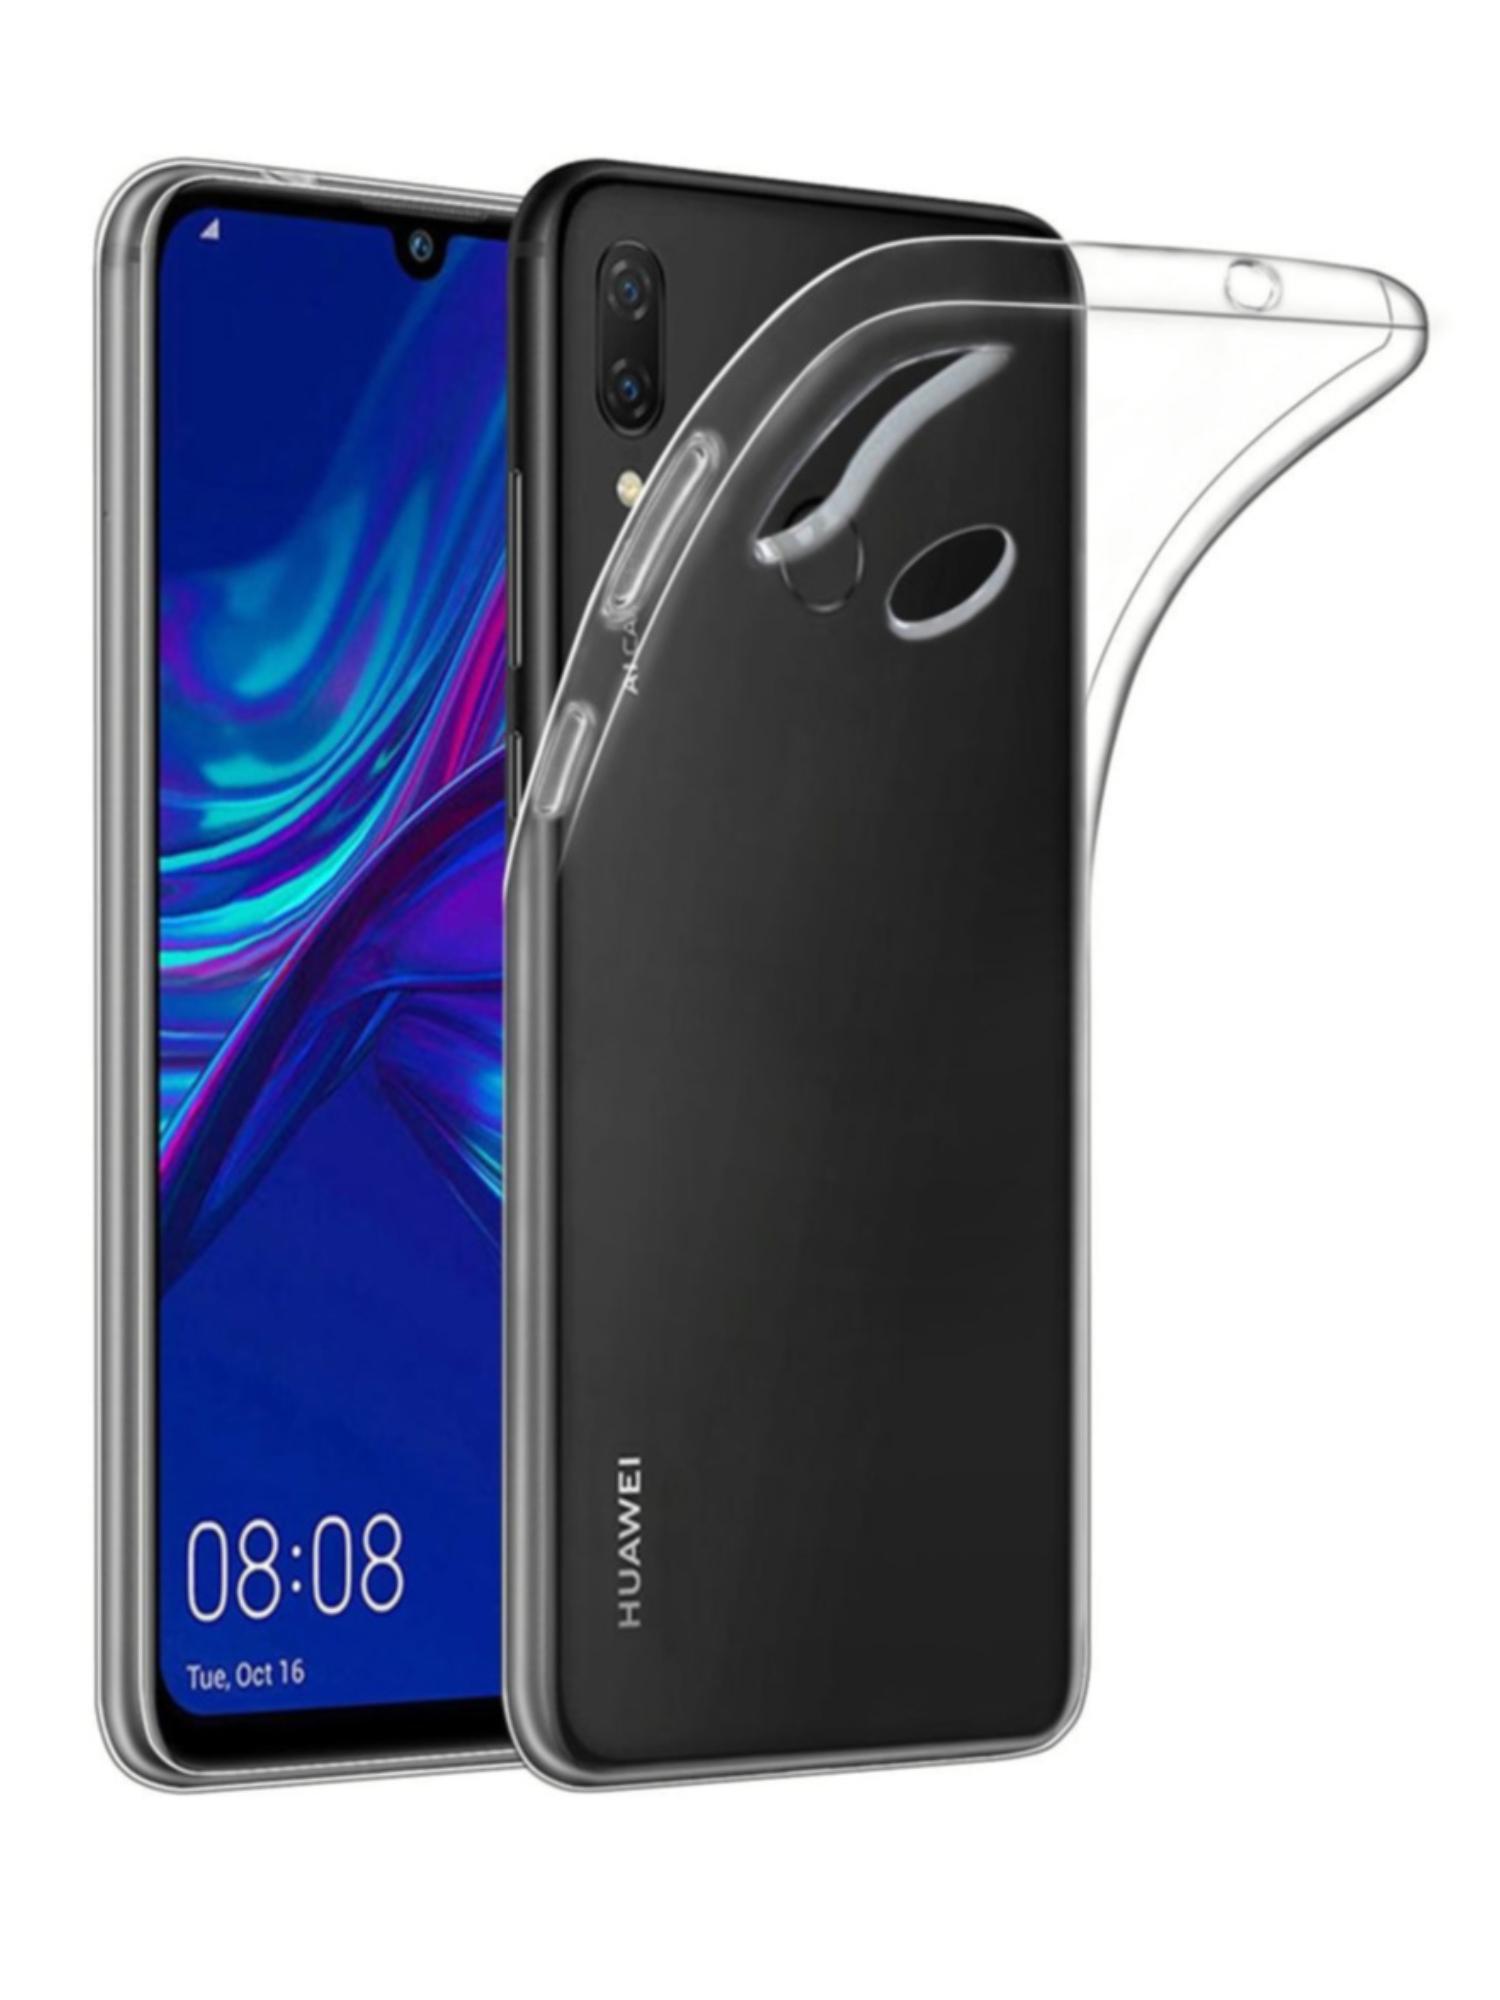 Funda de gel TPU carcasa silicona para movil Huawei P Smart 2019 Transparente